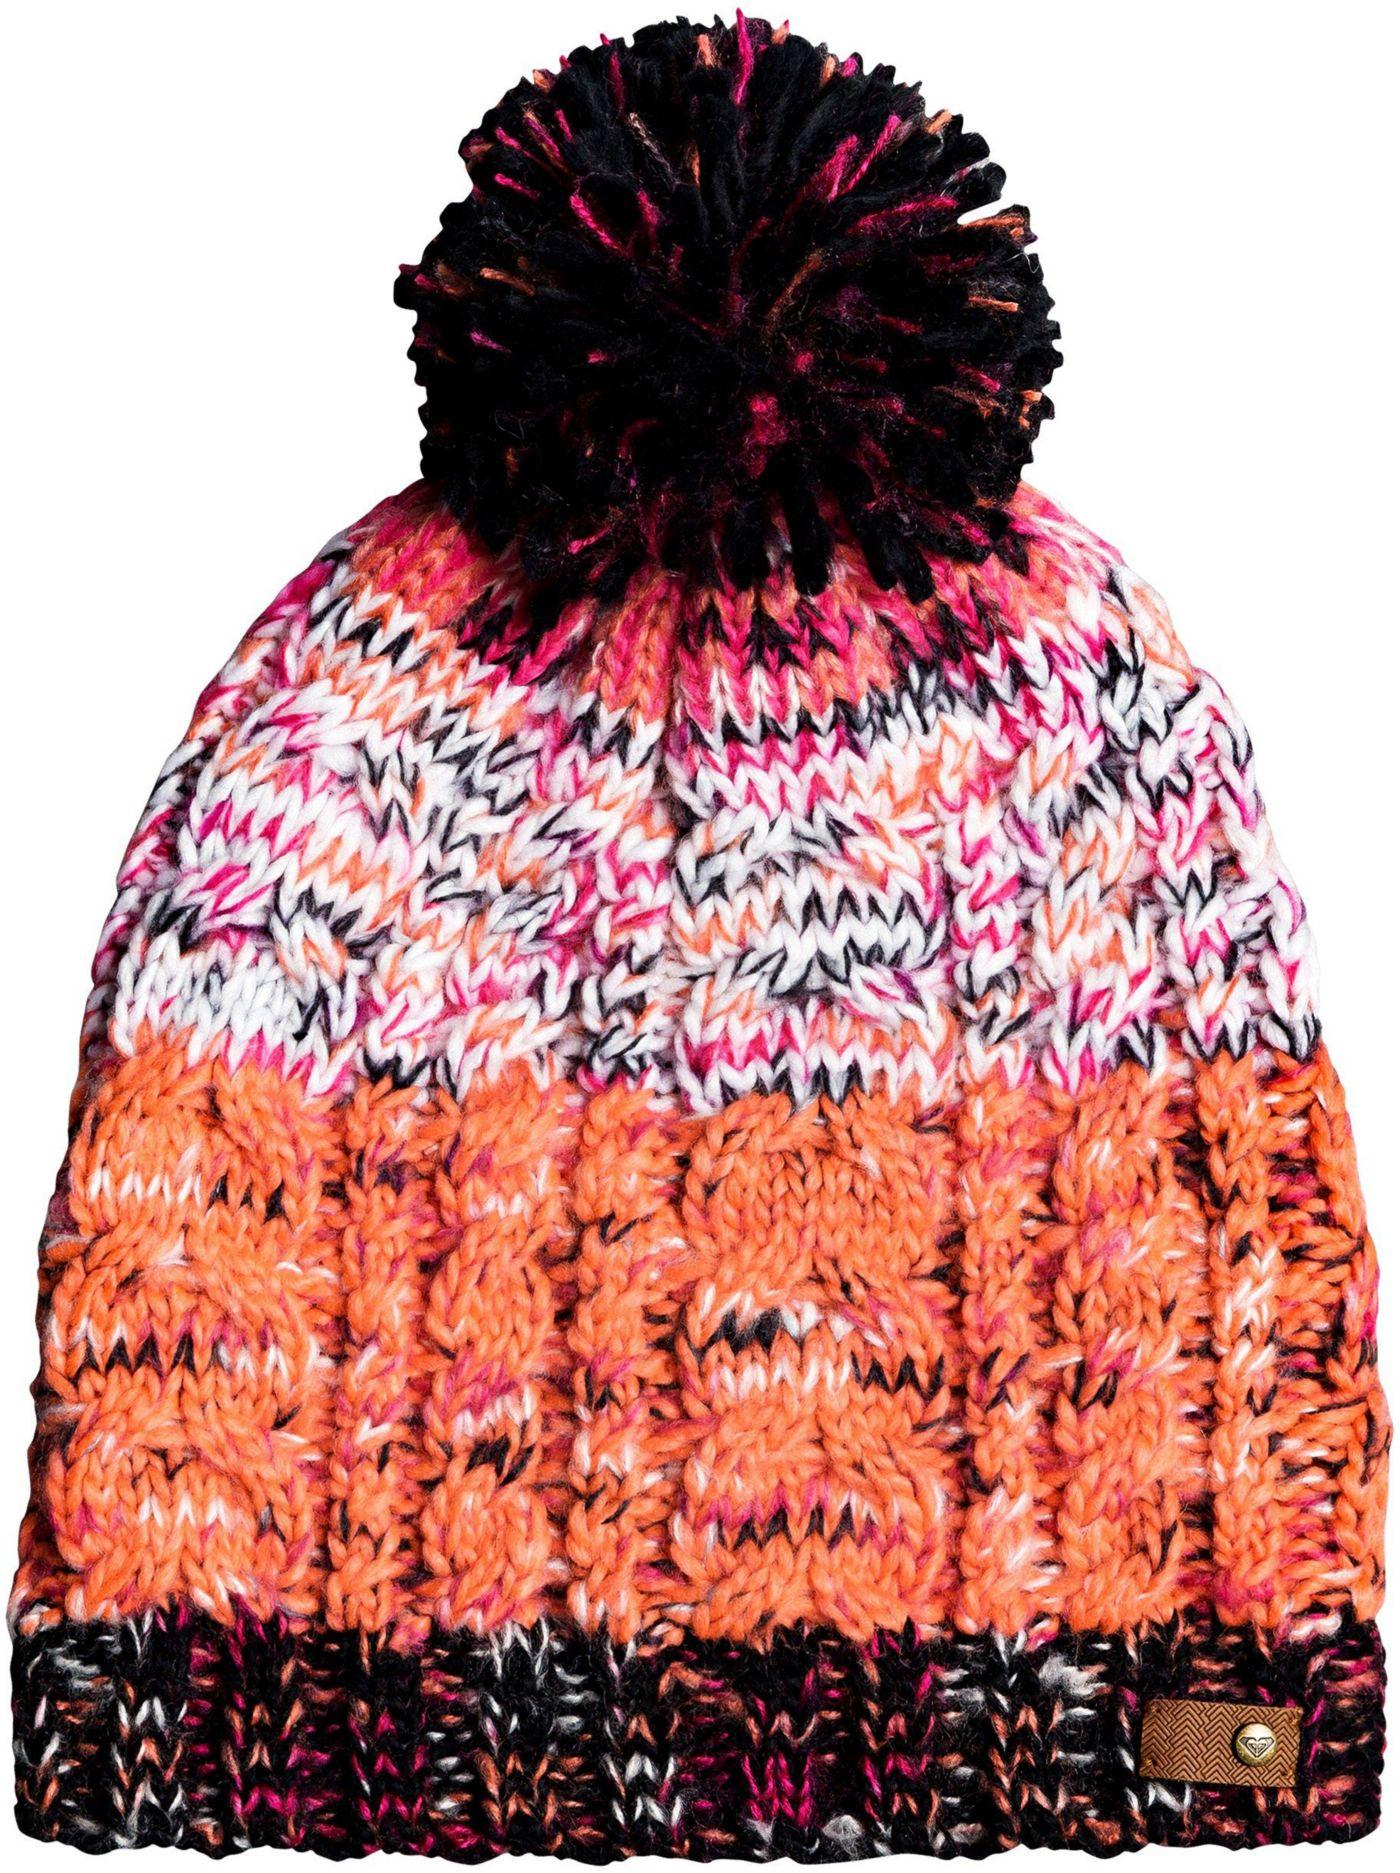 Roxy Women's Telma Block Pom-Pom Beanie